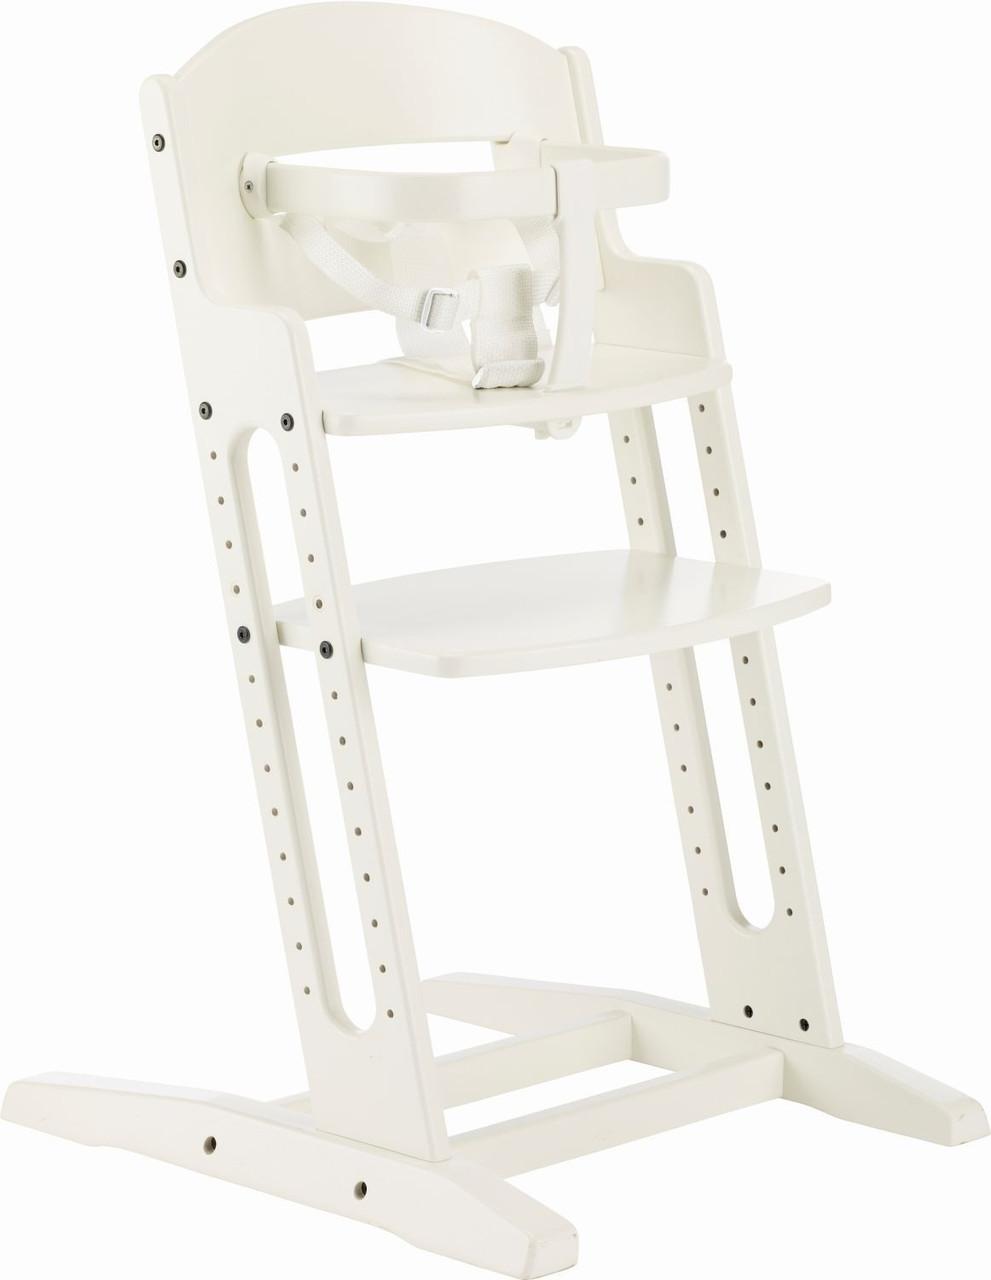 Универсальный стульчик для кормления Baby Dan Chair  белый